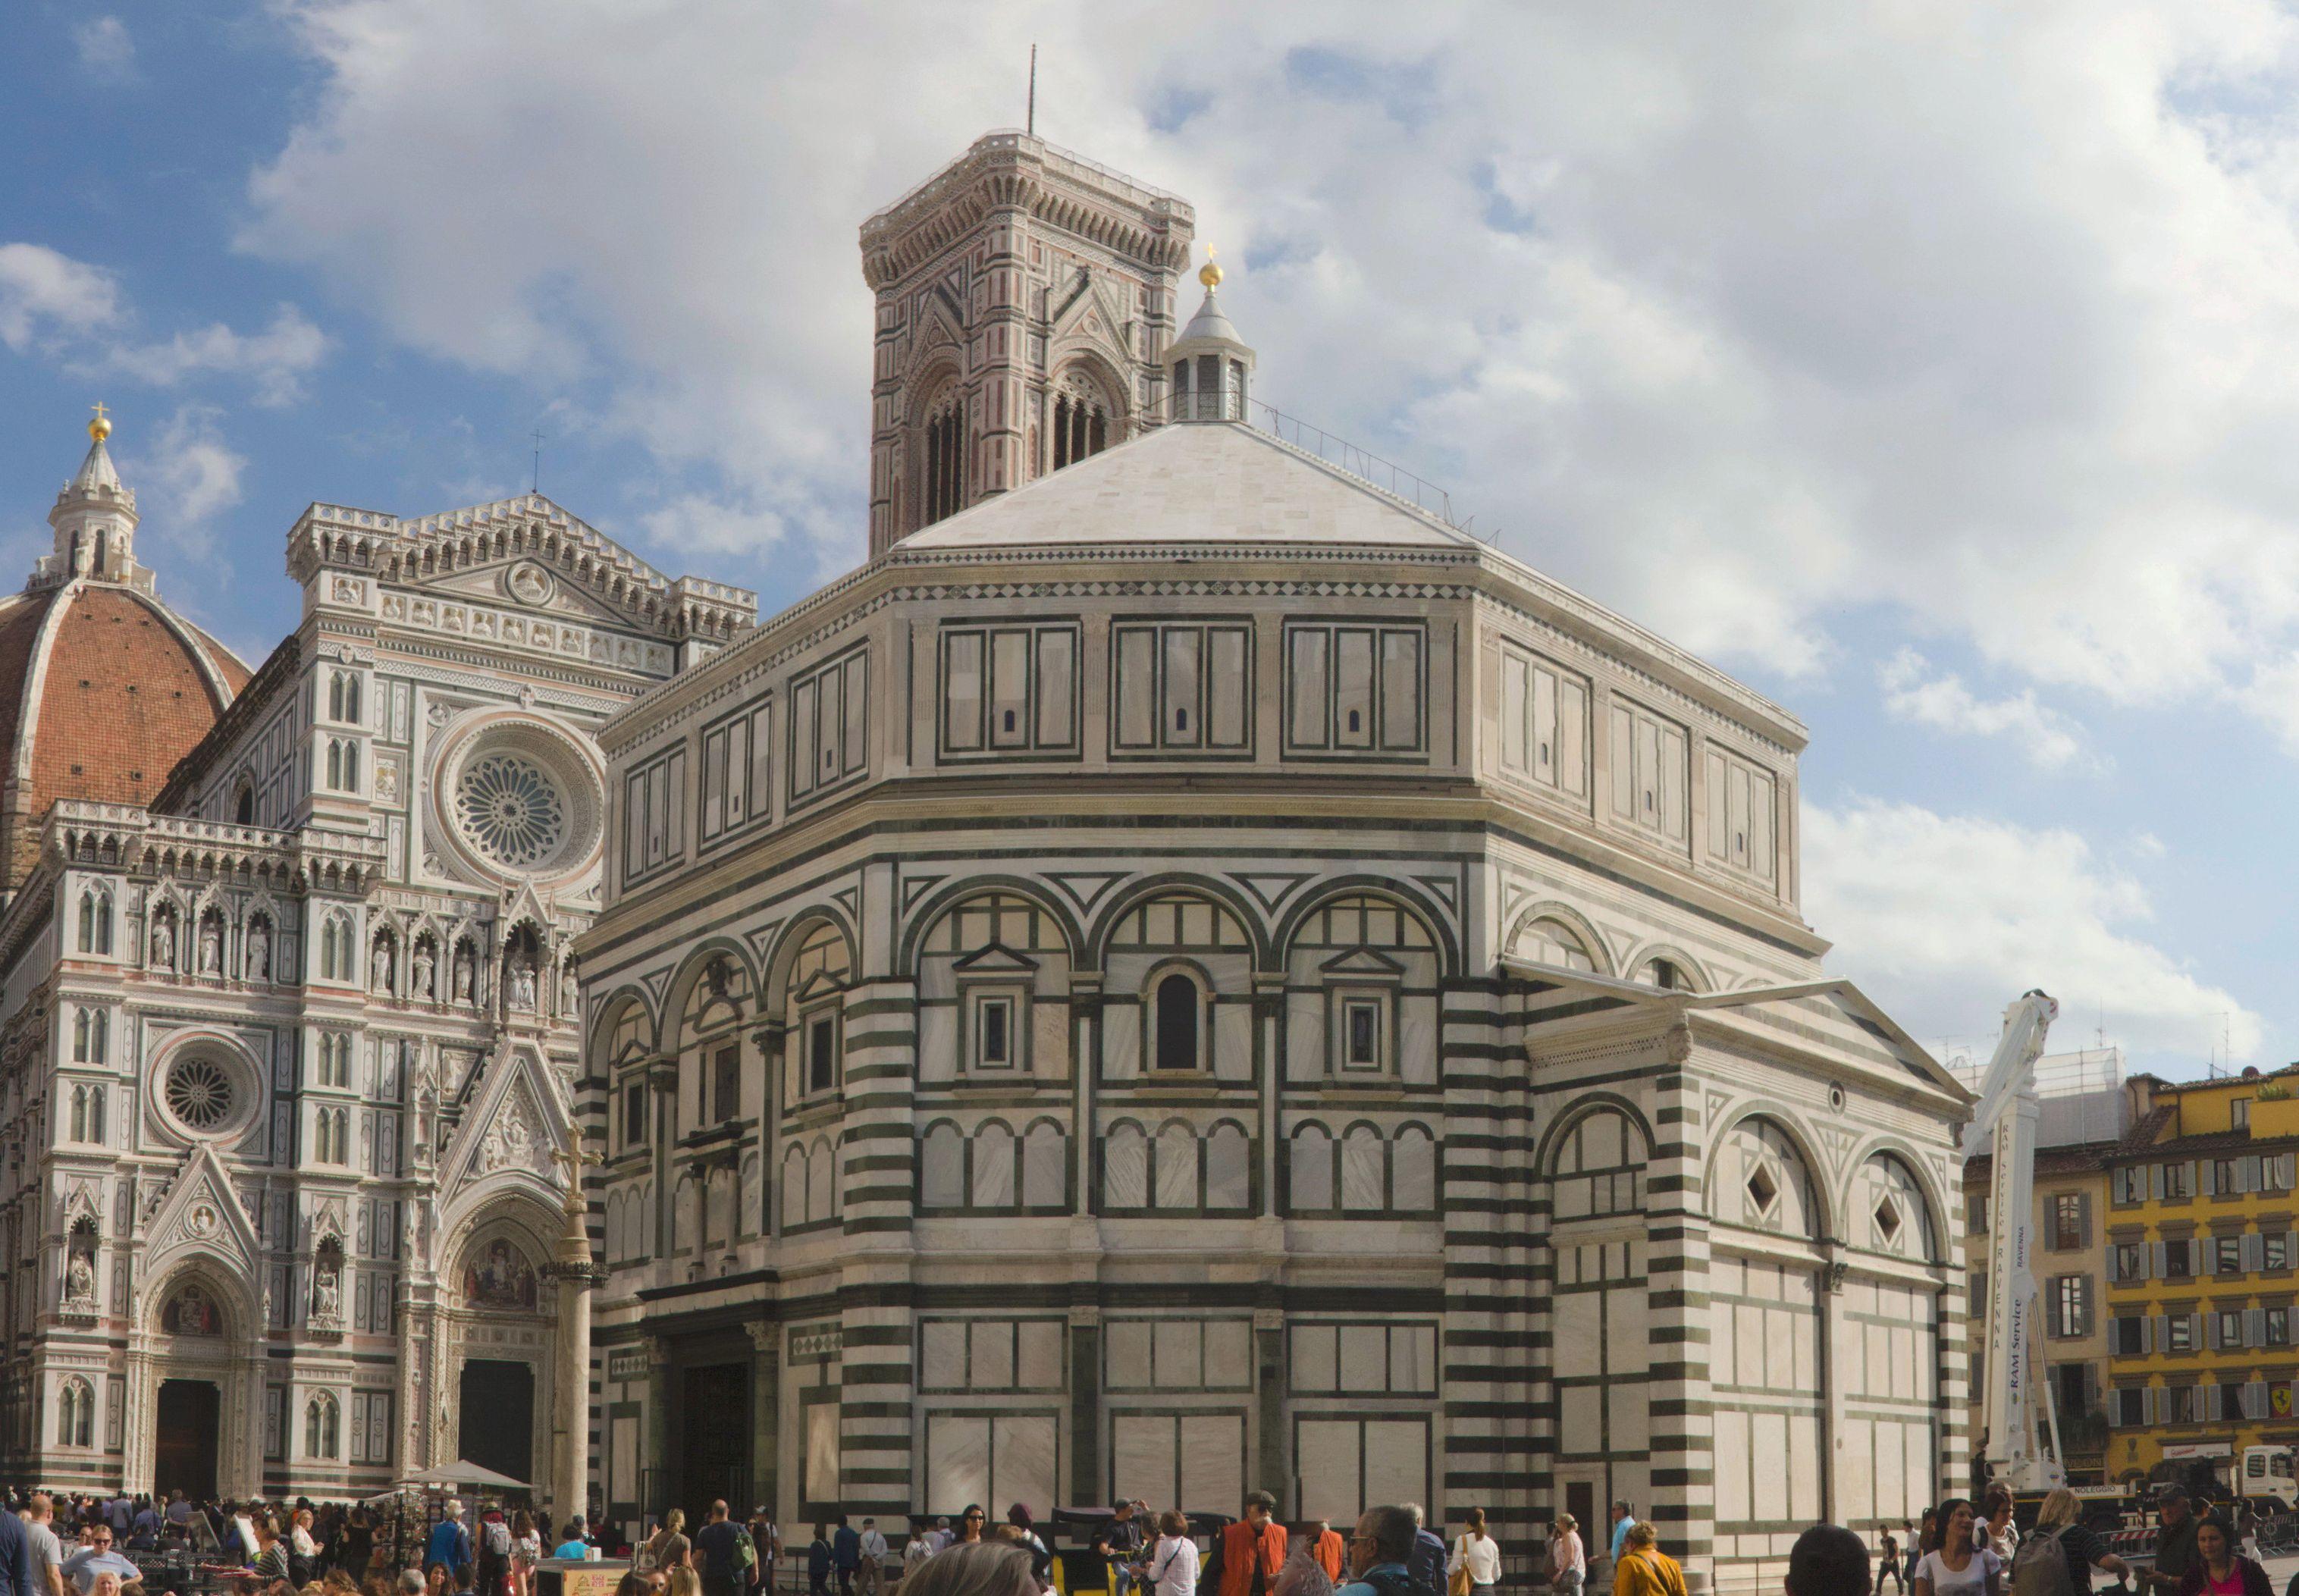 Florencia - Firenza - Baptisterio de San Xoan - Baptisterio de San Juan - Baptistery of St John - Exterior - 01.jpg